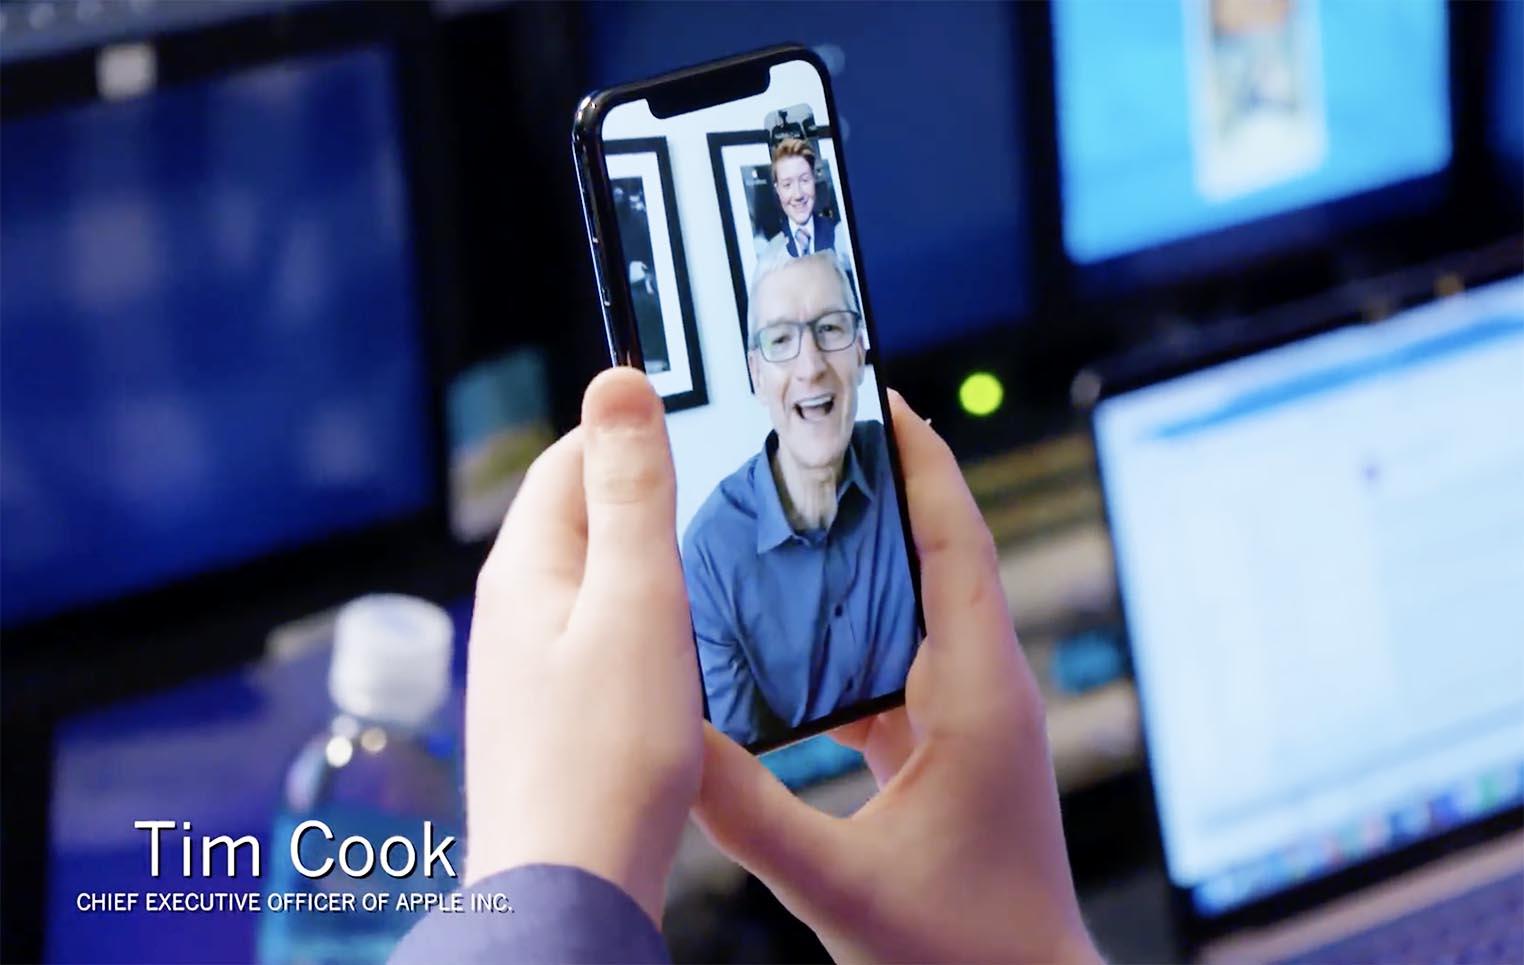 Tim Cook FaceTime